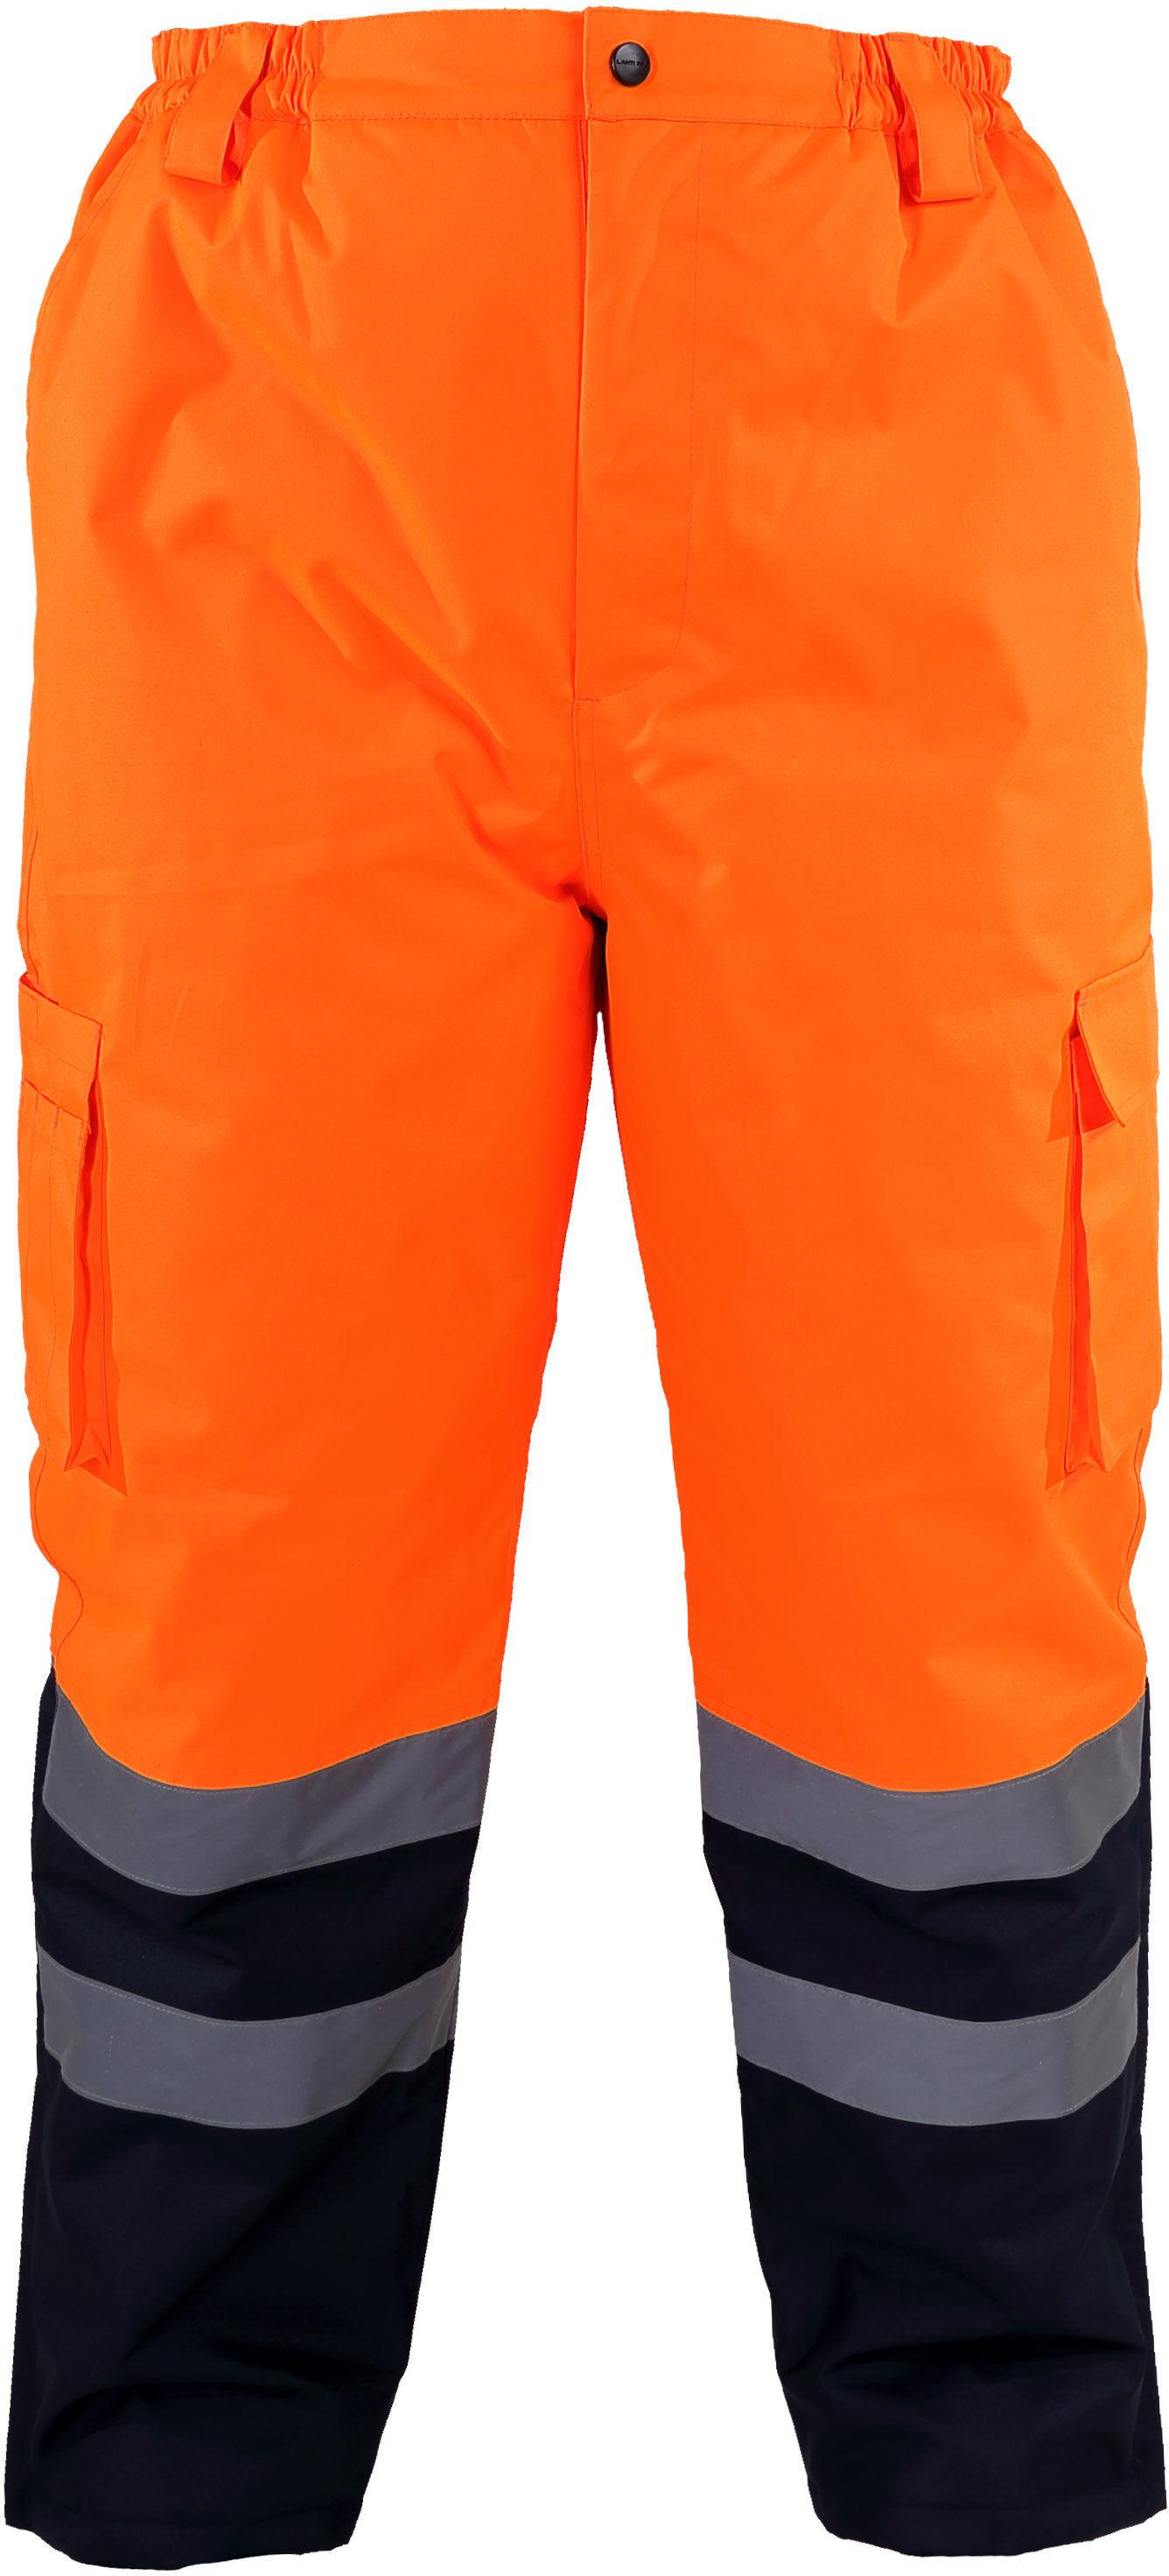 """Spodnie ostrzegawcze ociep., pomarańczowe, """"2xl"""", ce, lahti"""